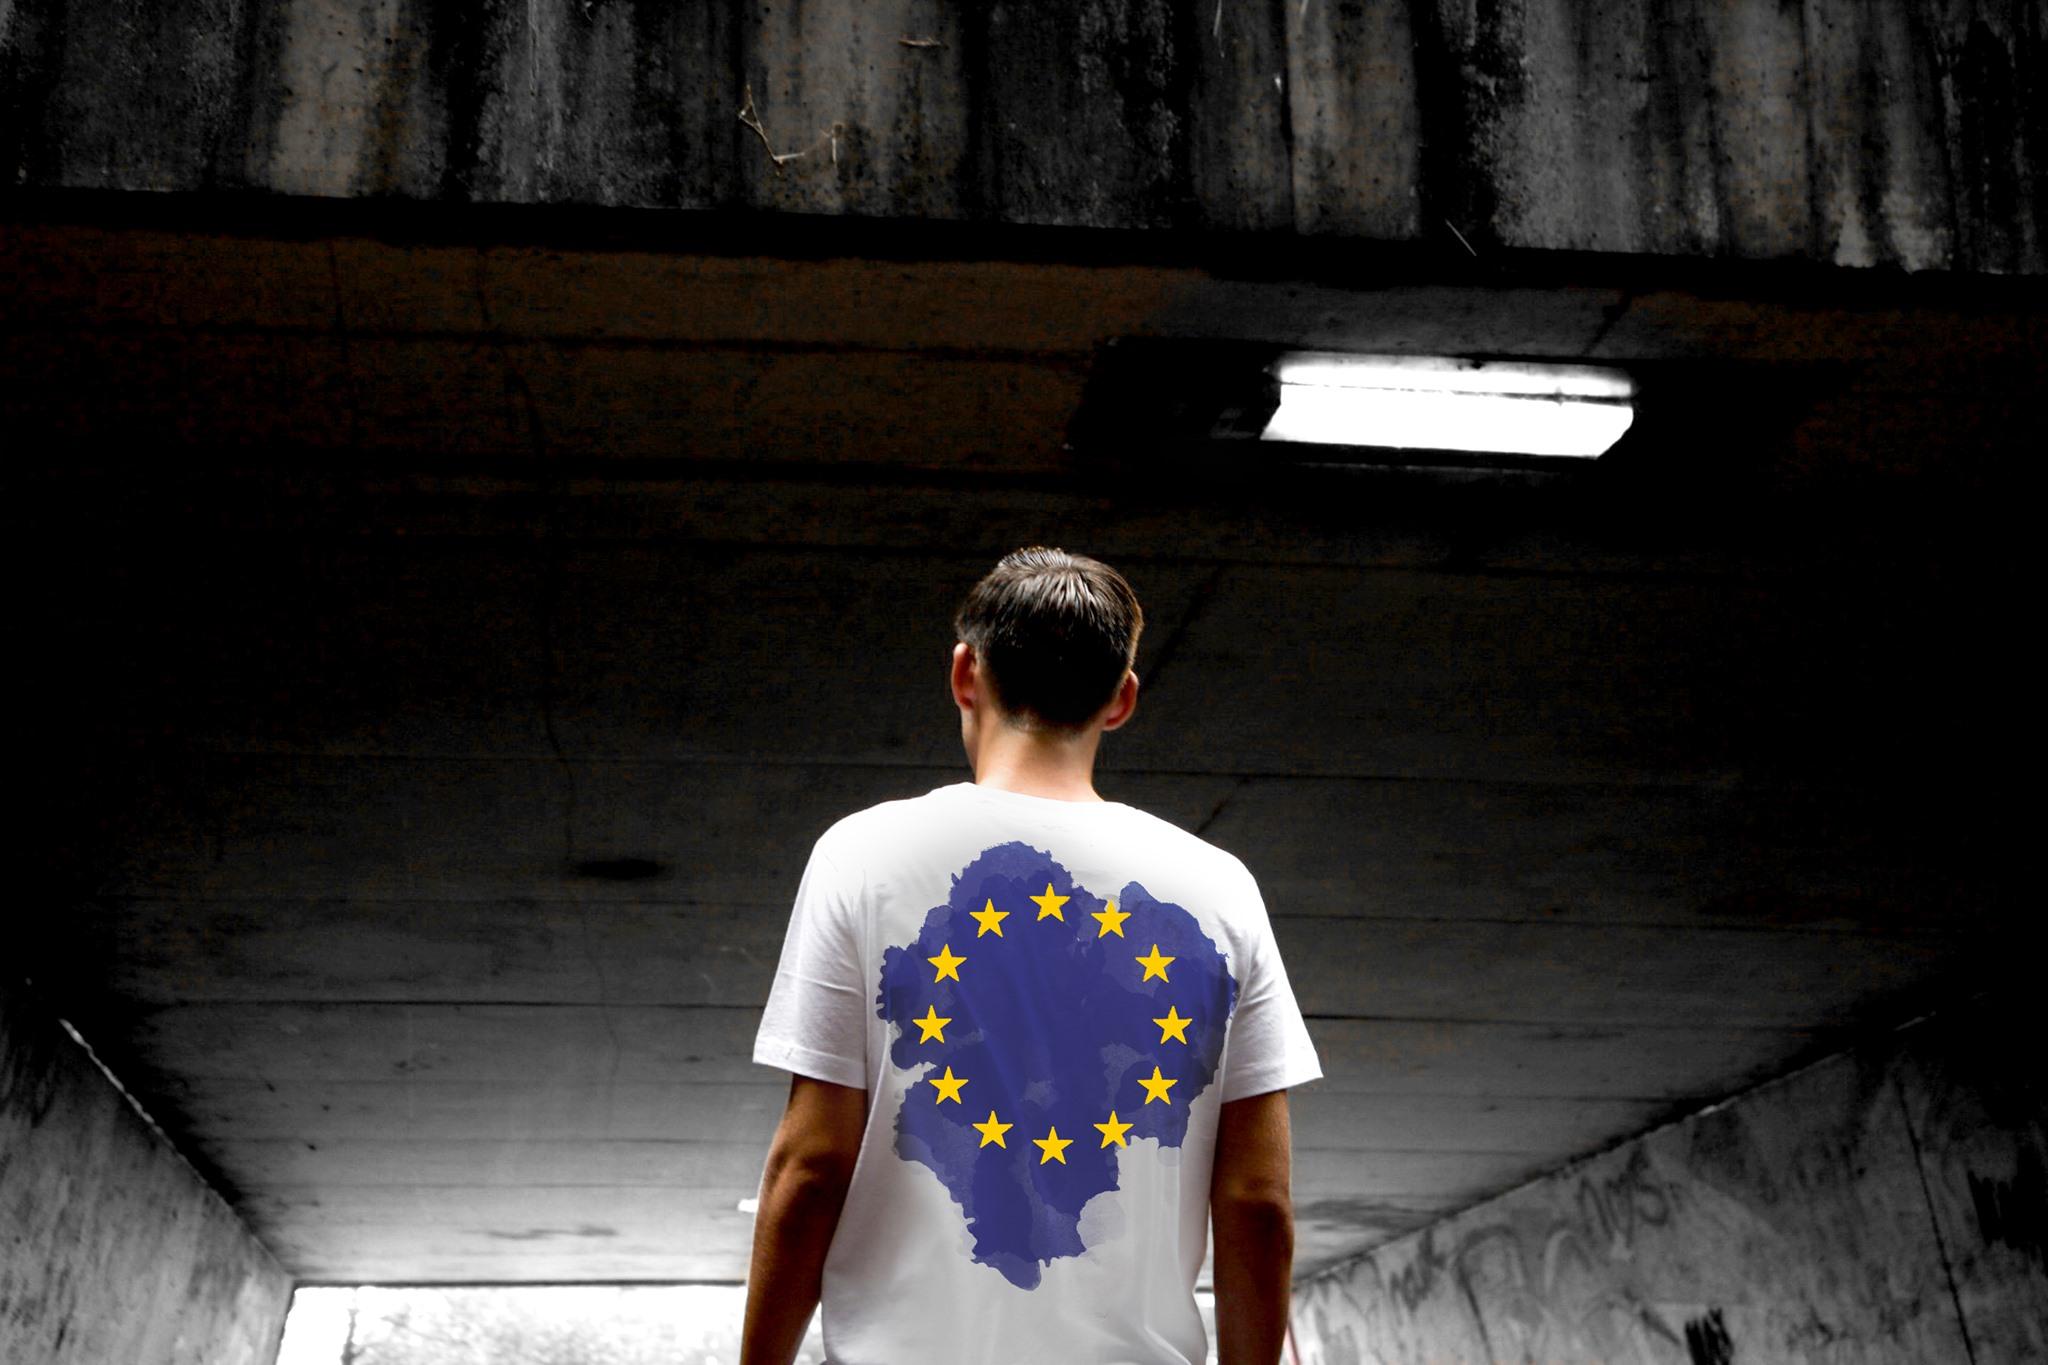 NOUS, L'EUROPE, BANQUET DES PEUPLES / LUNDI 7 OCTOBRE 2019 / MAISON DE LA CULTURE